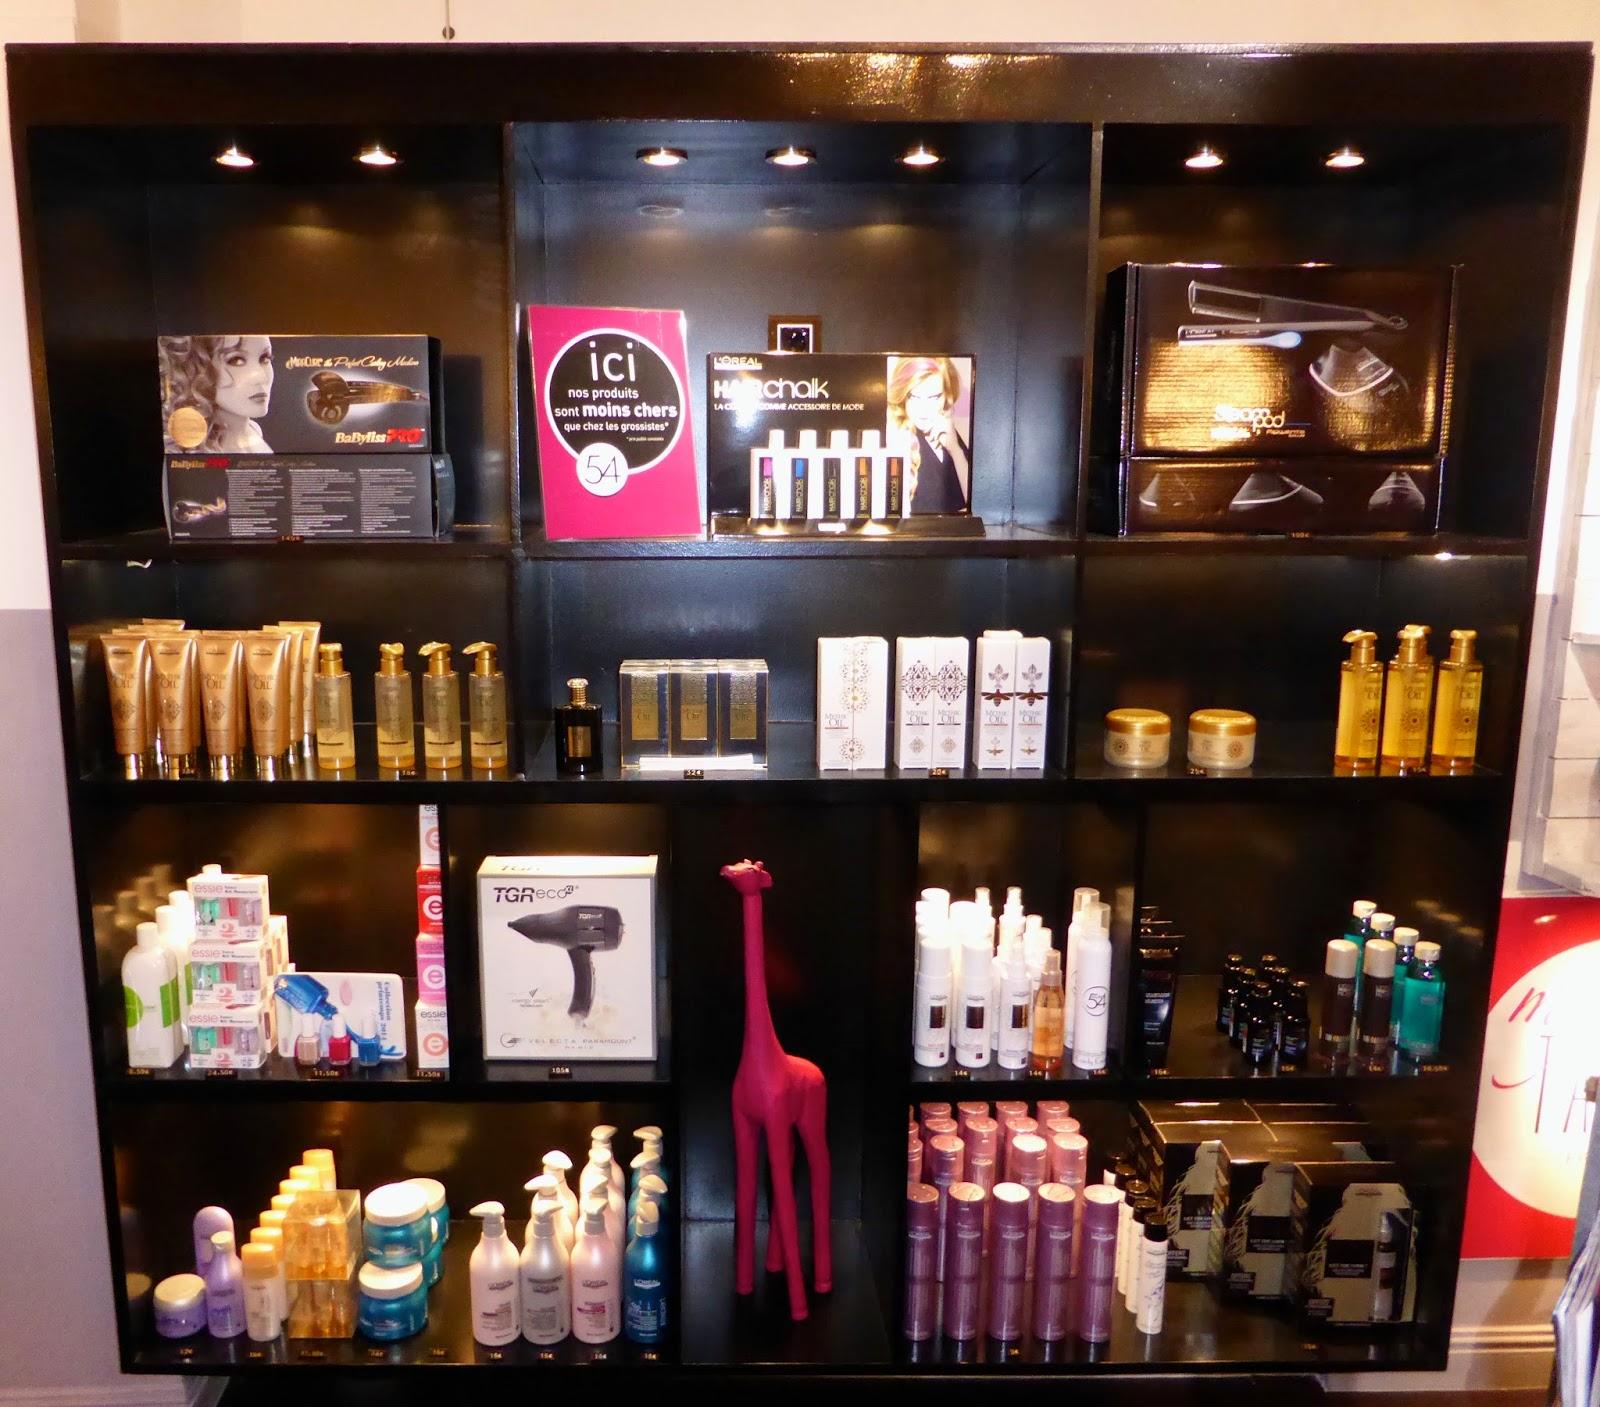 Voici notre meuble de présentation de nos produits L'Oréal Professionnel, Mythic Oil et Essie Pro.